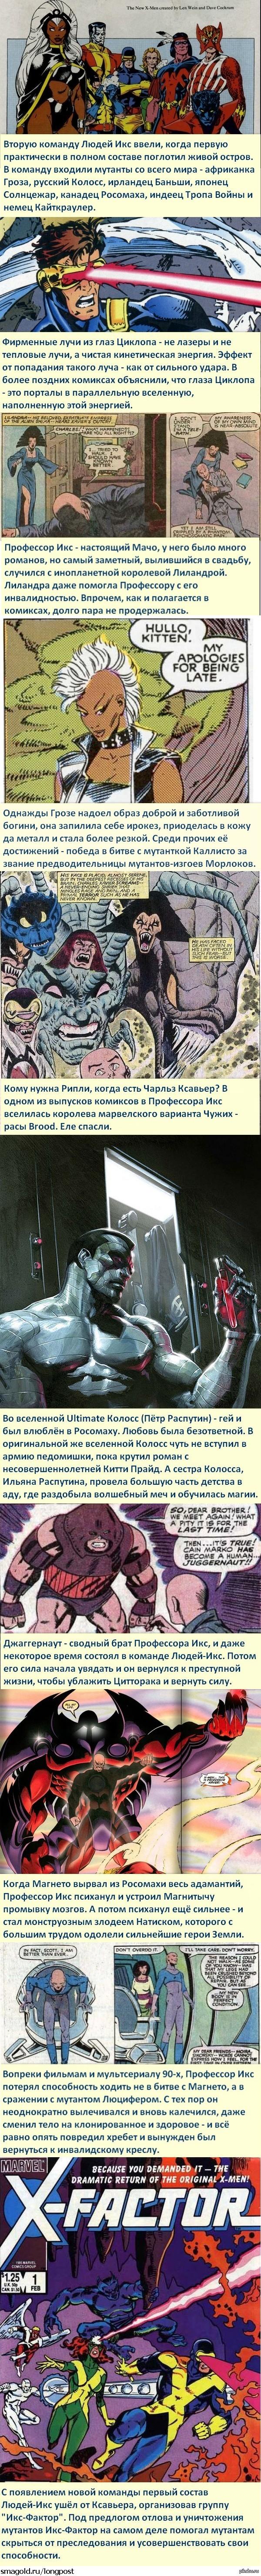 Факты о супергероях: Люди-Икс (Часть 2) То, чего нет в фильмах.